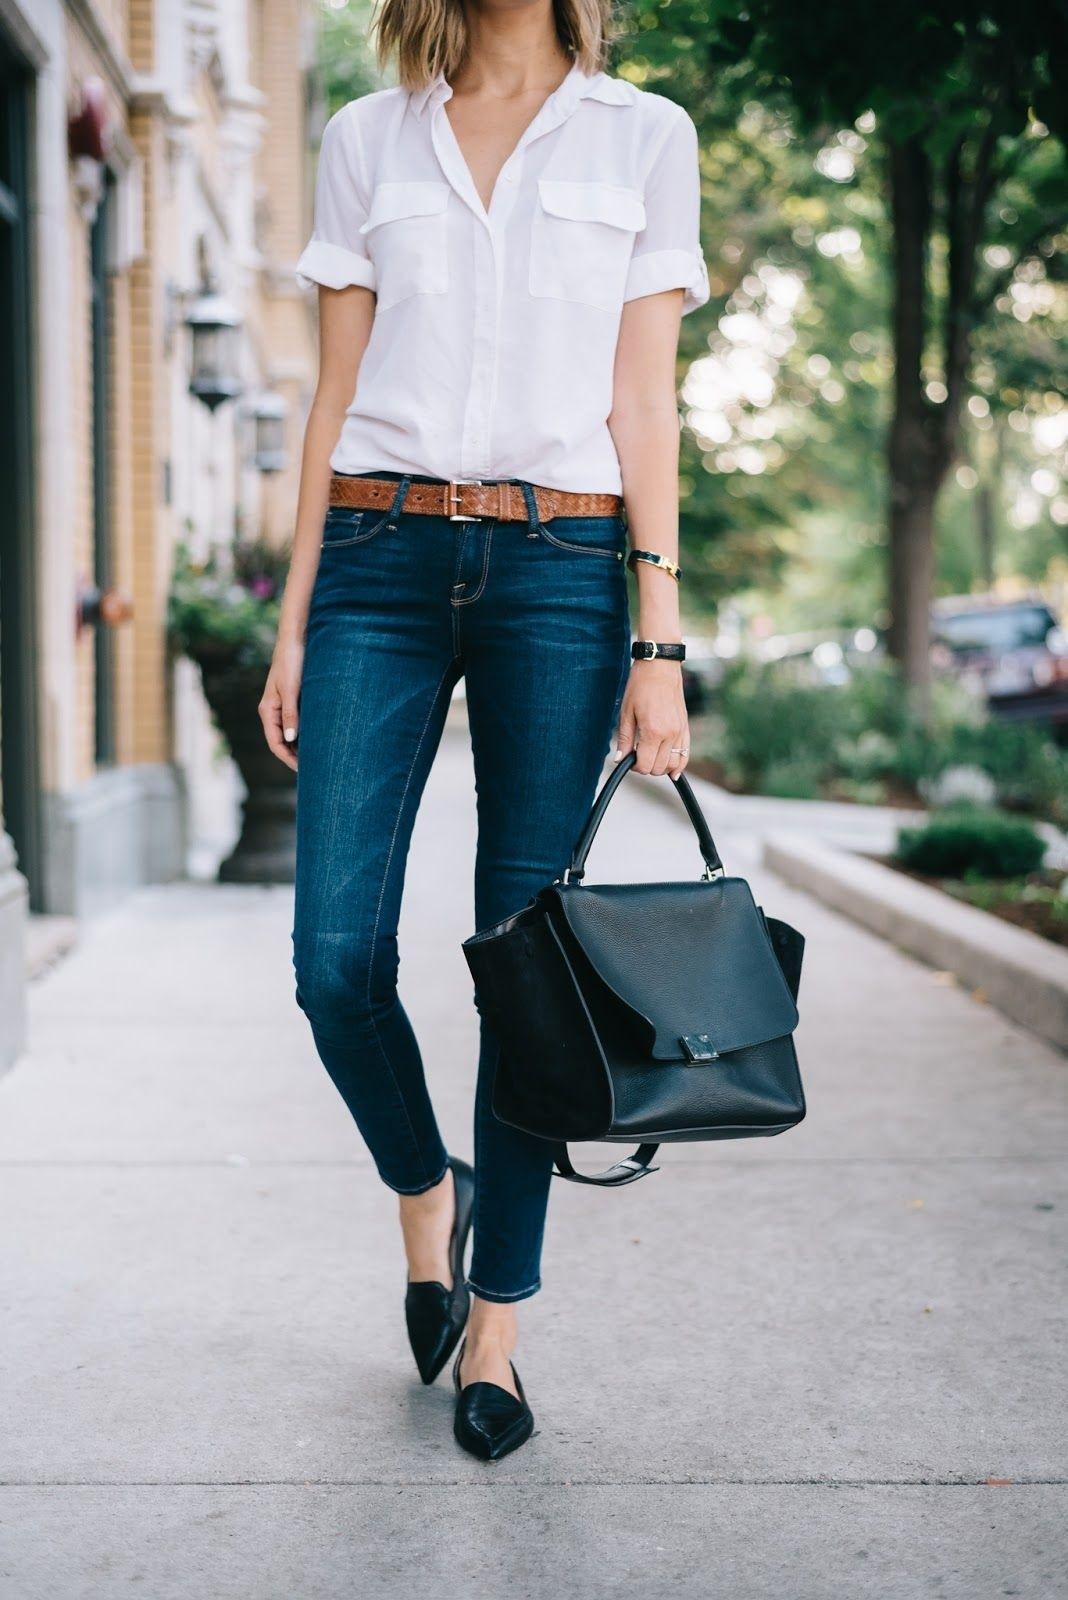 10 Luxus Schöne Kleider Für Frauen Ab 40 Boutique13 Schön Schöne Kleider Für Frauen Ab 40 für 2019